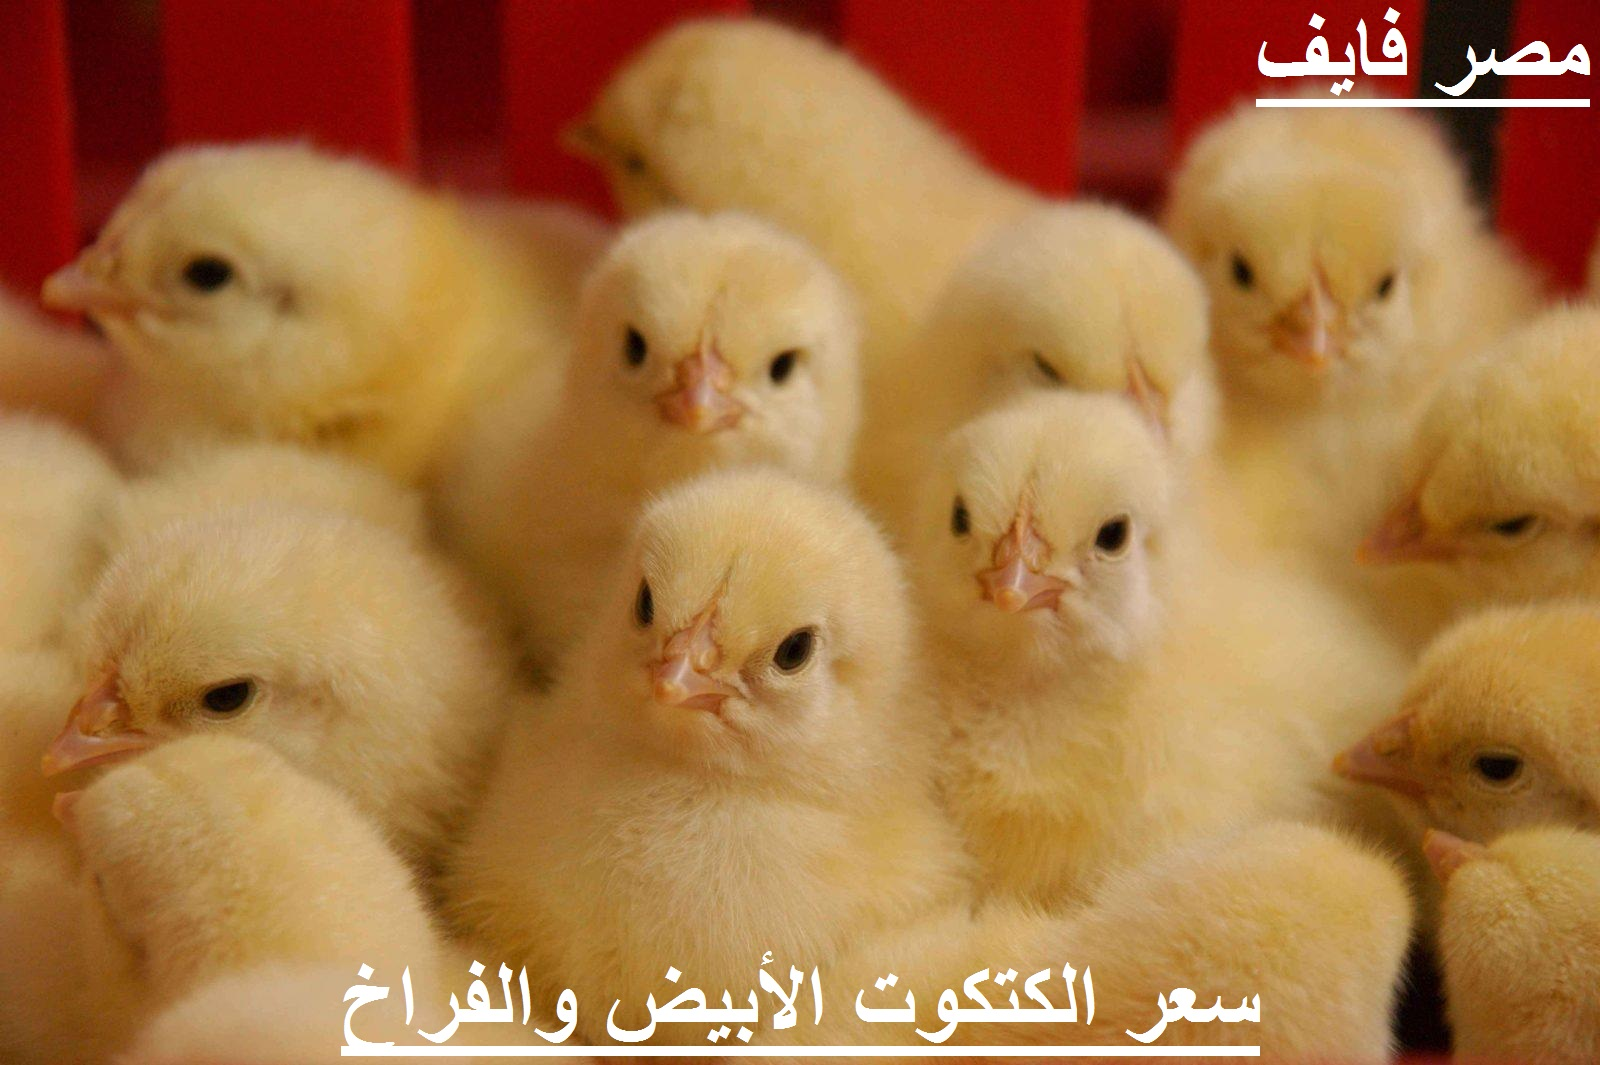 بورصة الدواجن يوم 2 رمضان.. أسعار الدواجن اليوم الأربعاء 14 أبريل 2021 وسعر الفراخ وسعر الكتكوت الابيض 8